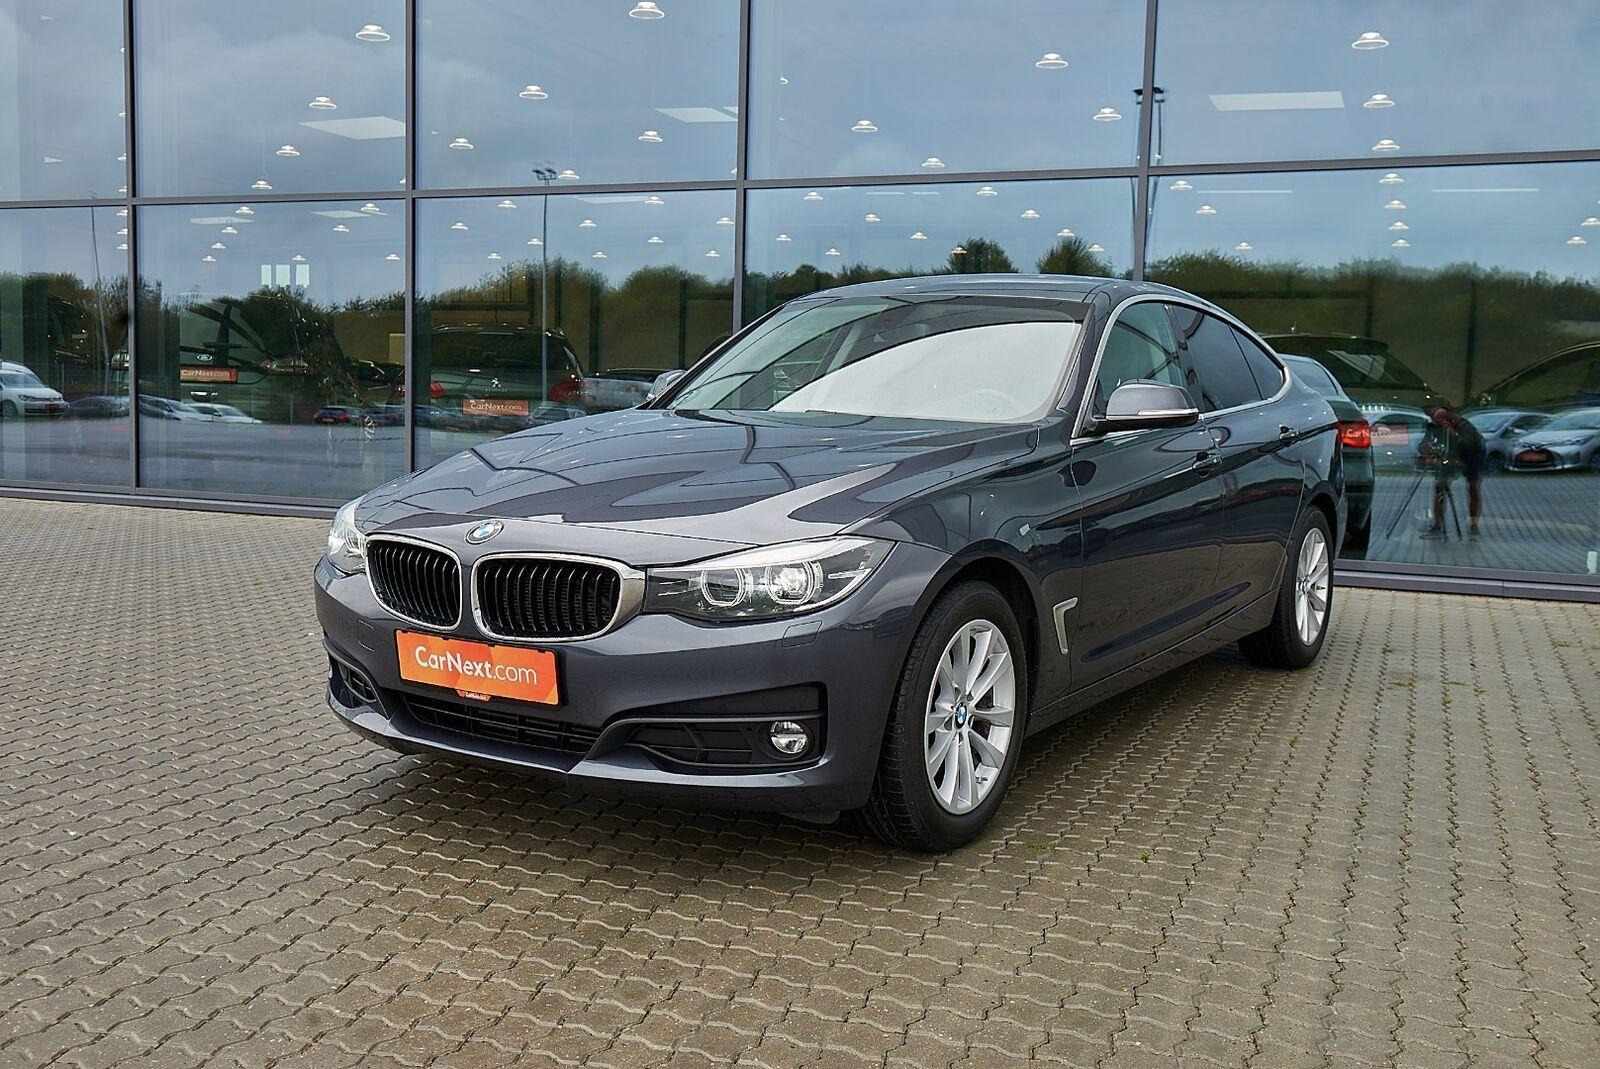 BMW 320d 2,0 Gran Turismo aut. 5d - 299.900 kr.